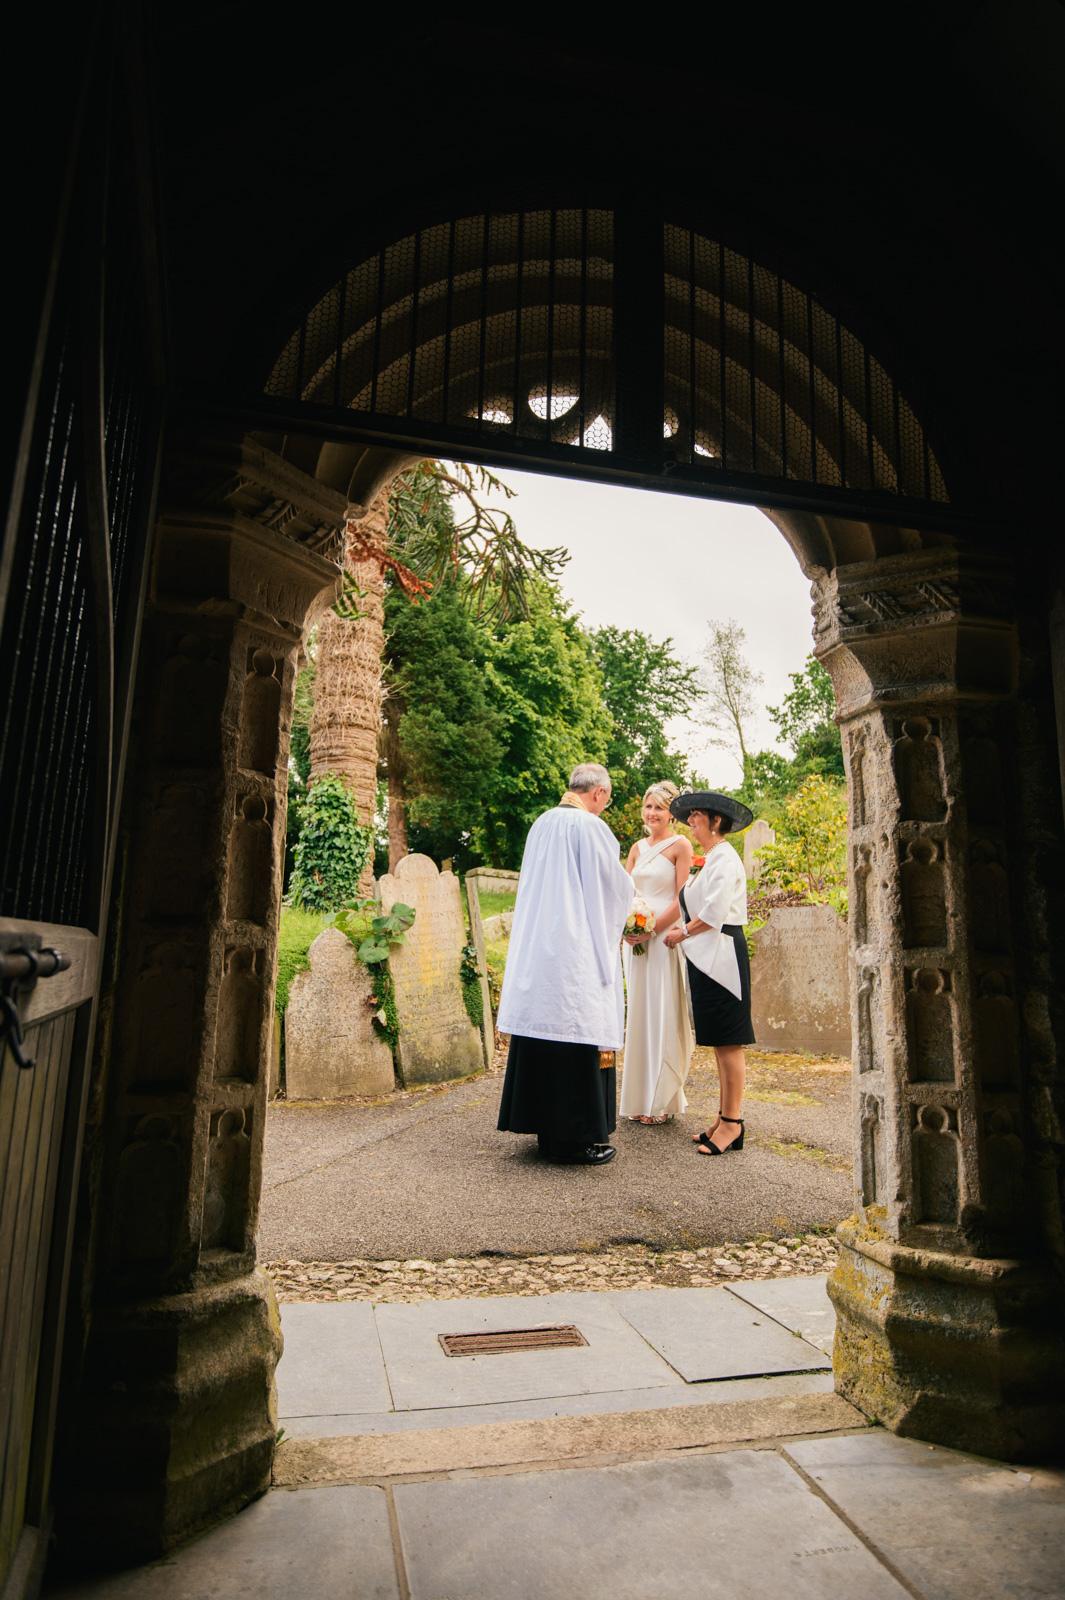 mylor-church-wedding-31.jpg